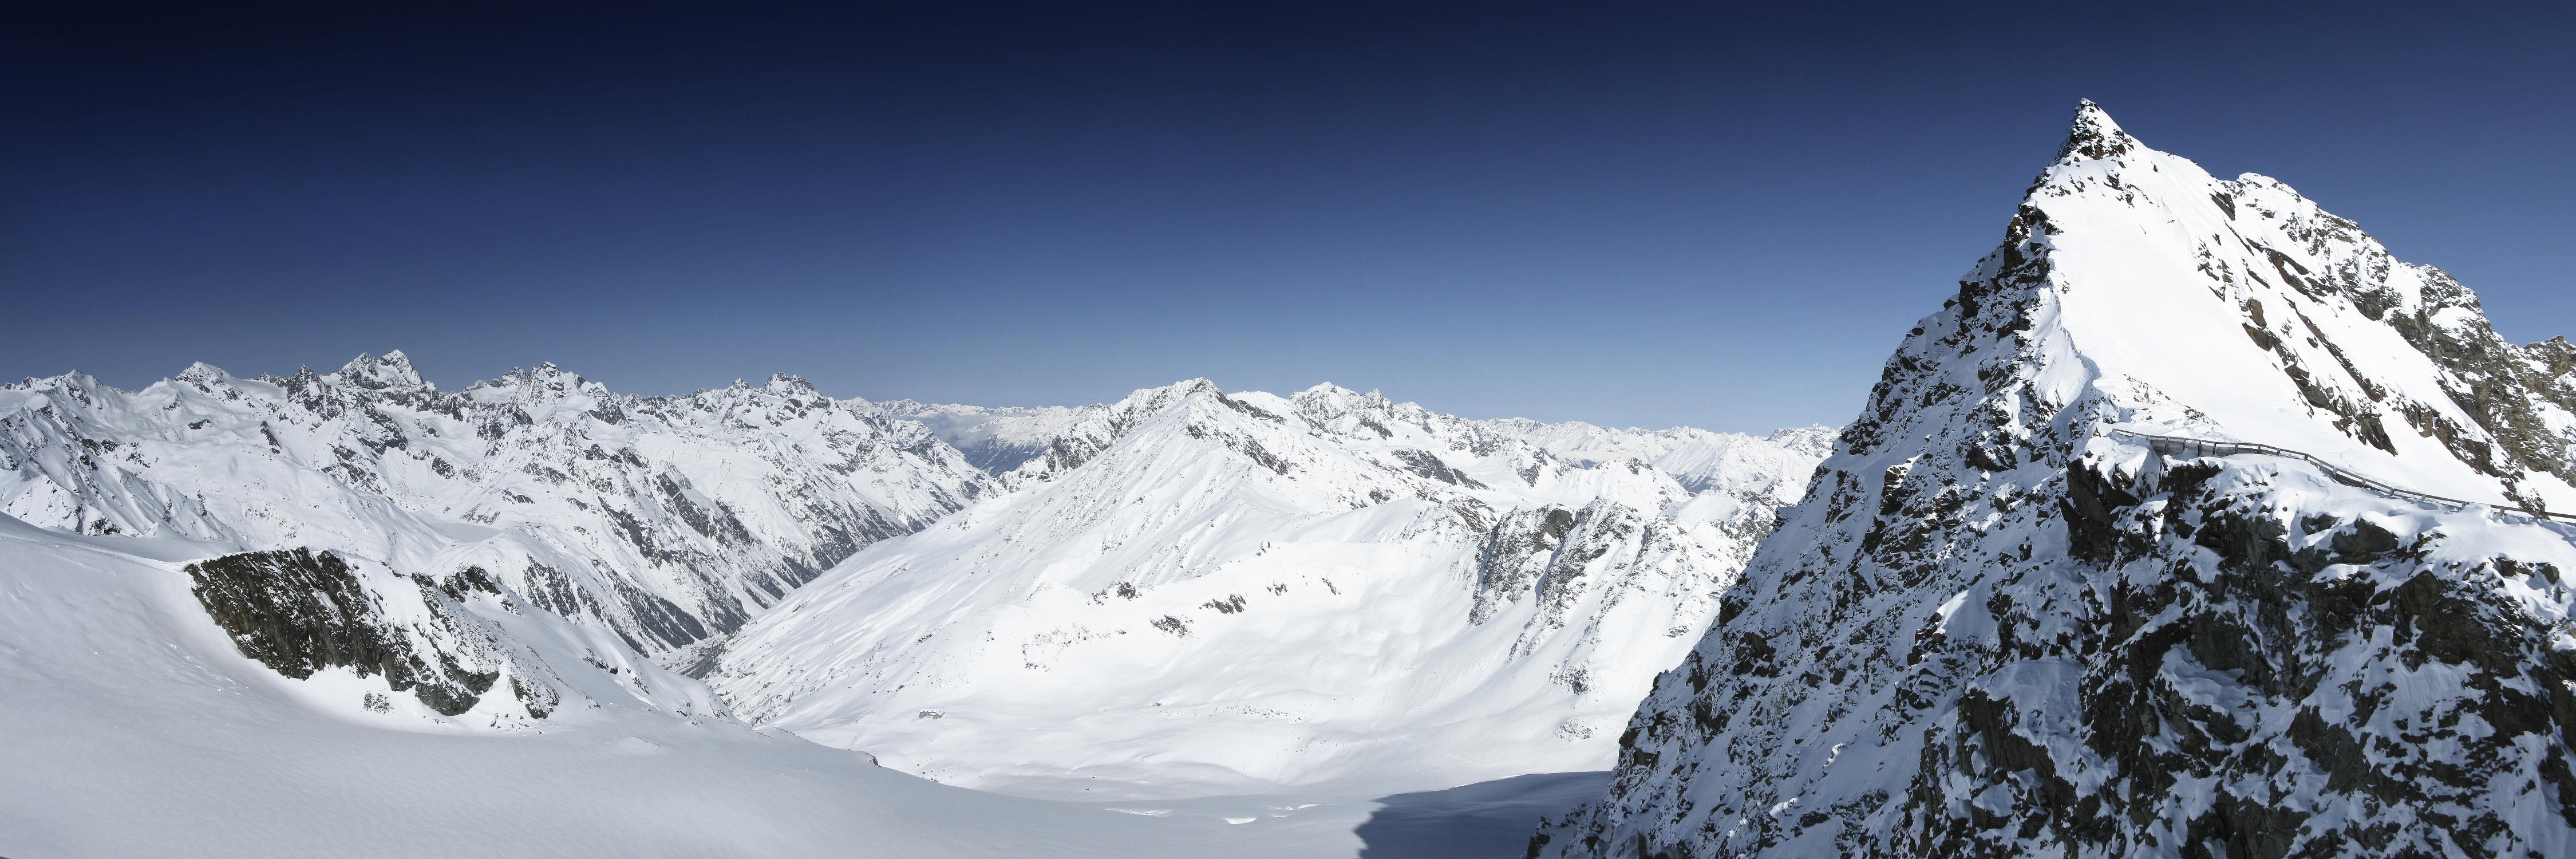 Tiefenbach Glacier, Sölden